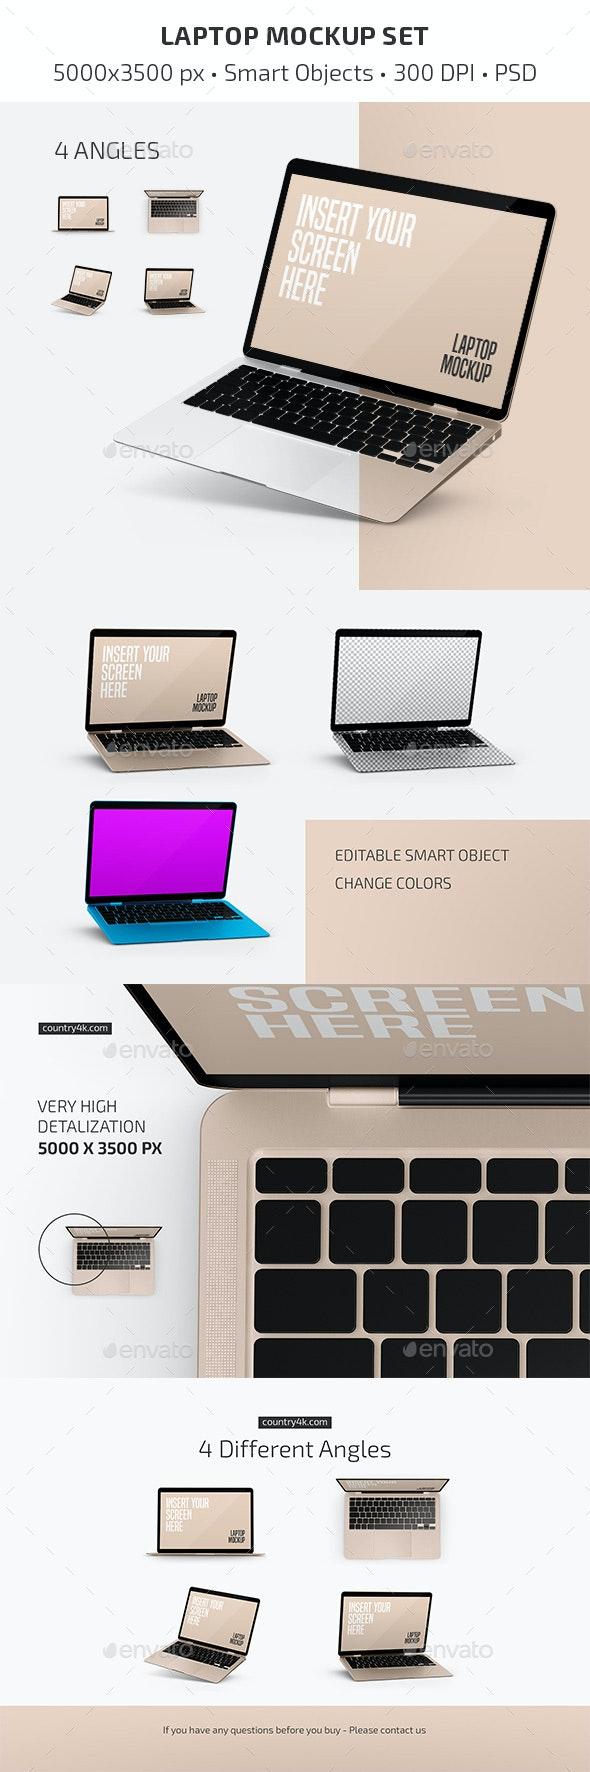 Laptop Mockup Set - Laptop Displays